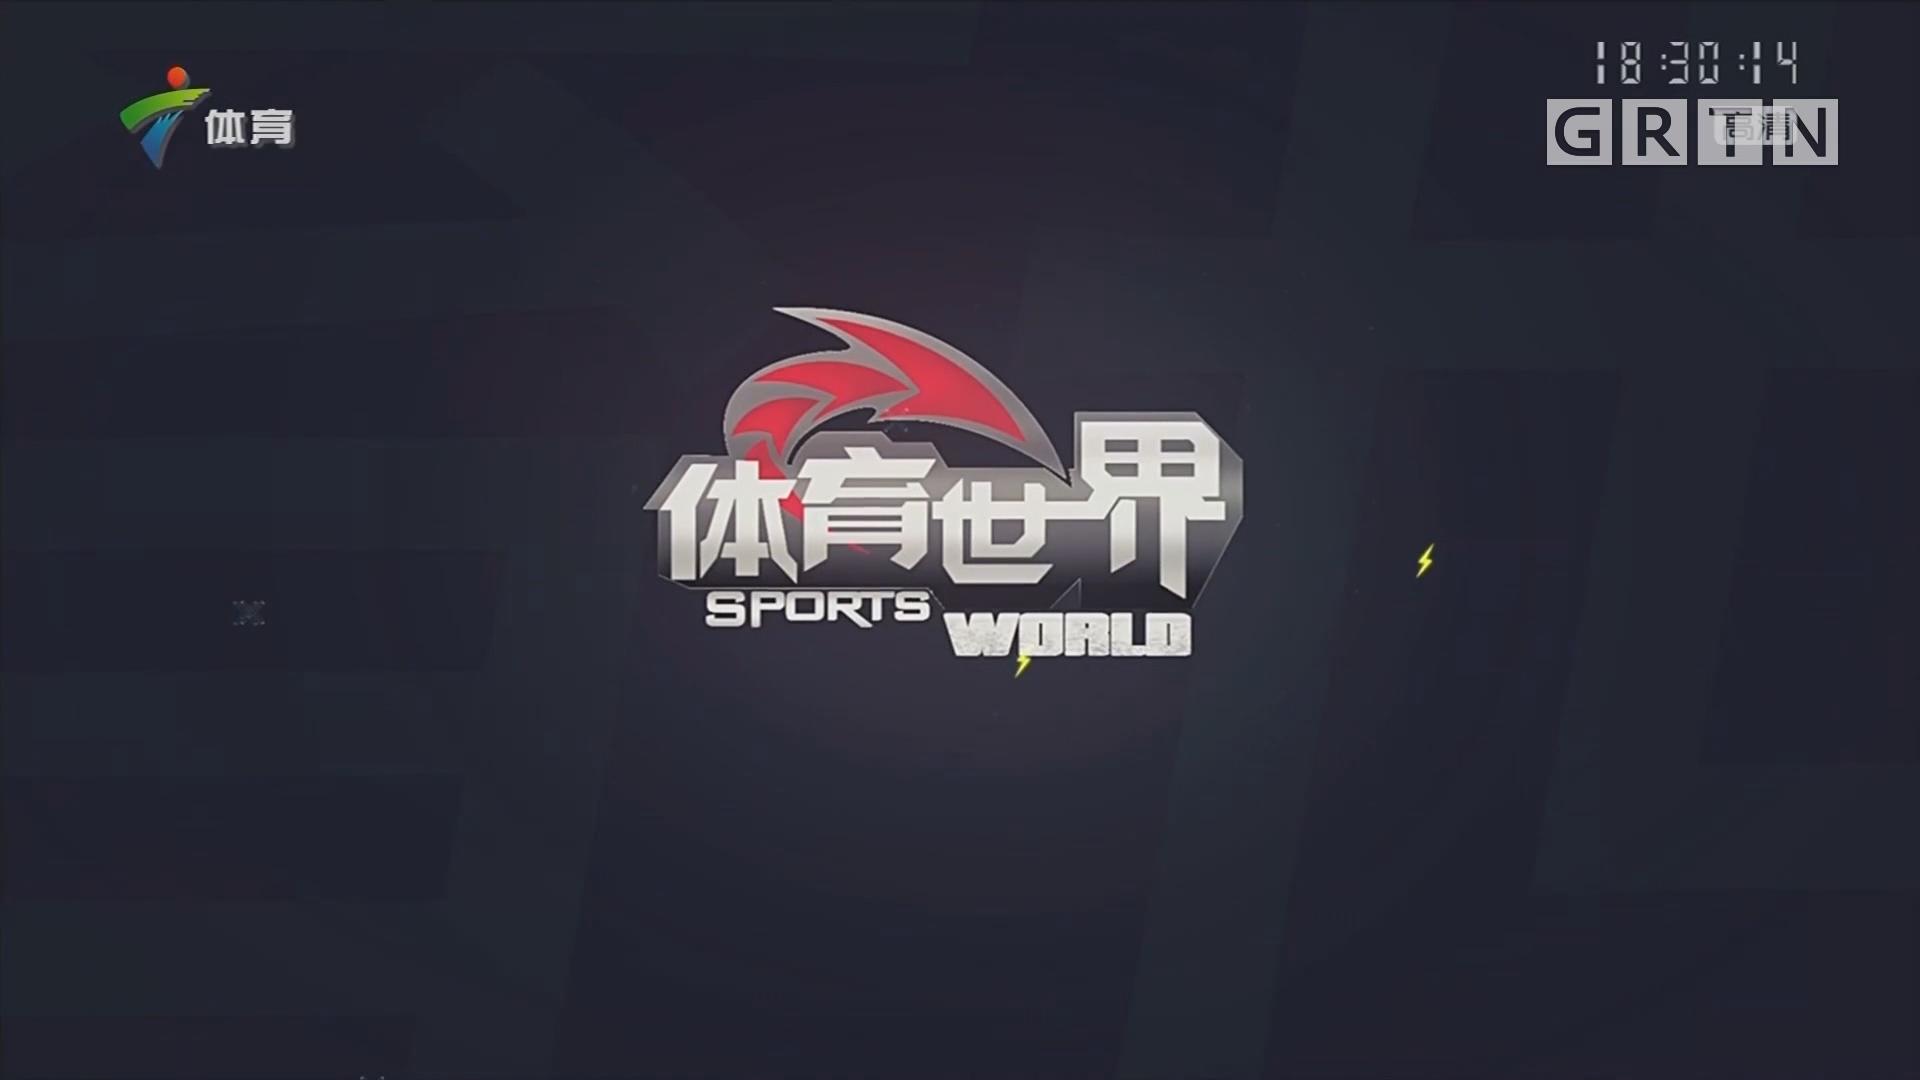 [HD][2019-01-05]体育世界:粤港澳大湾区网球团体赛 让网球从小众走向大众